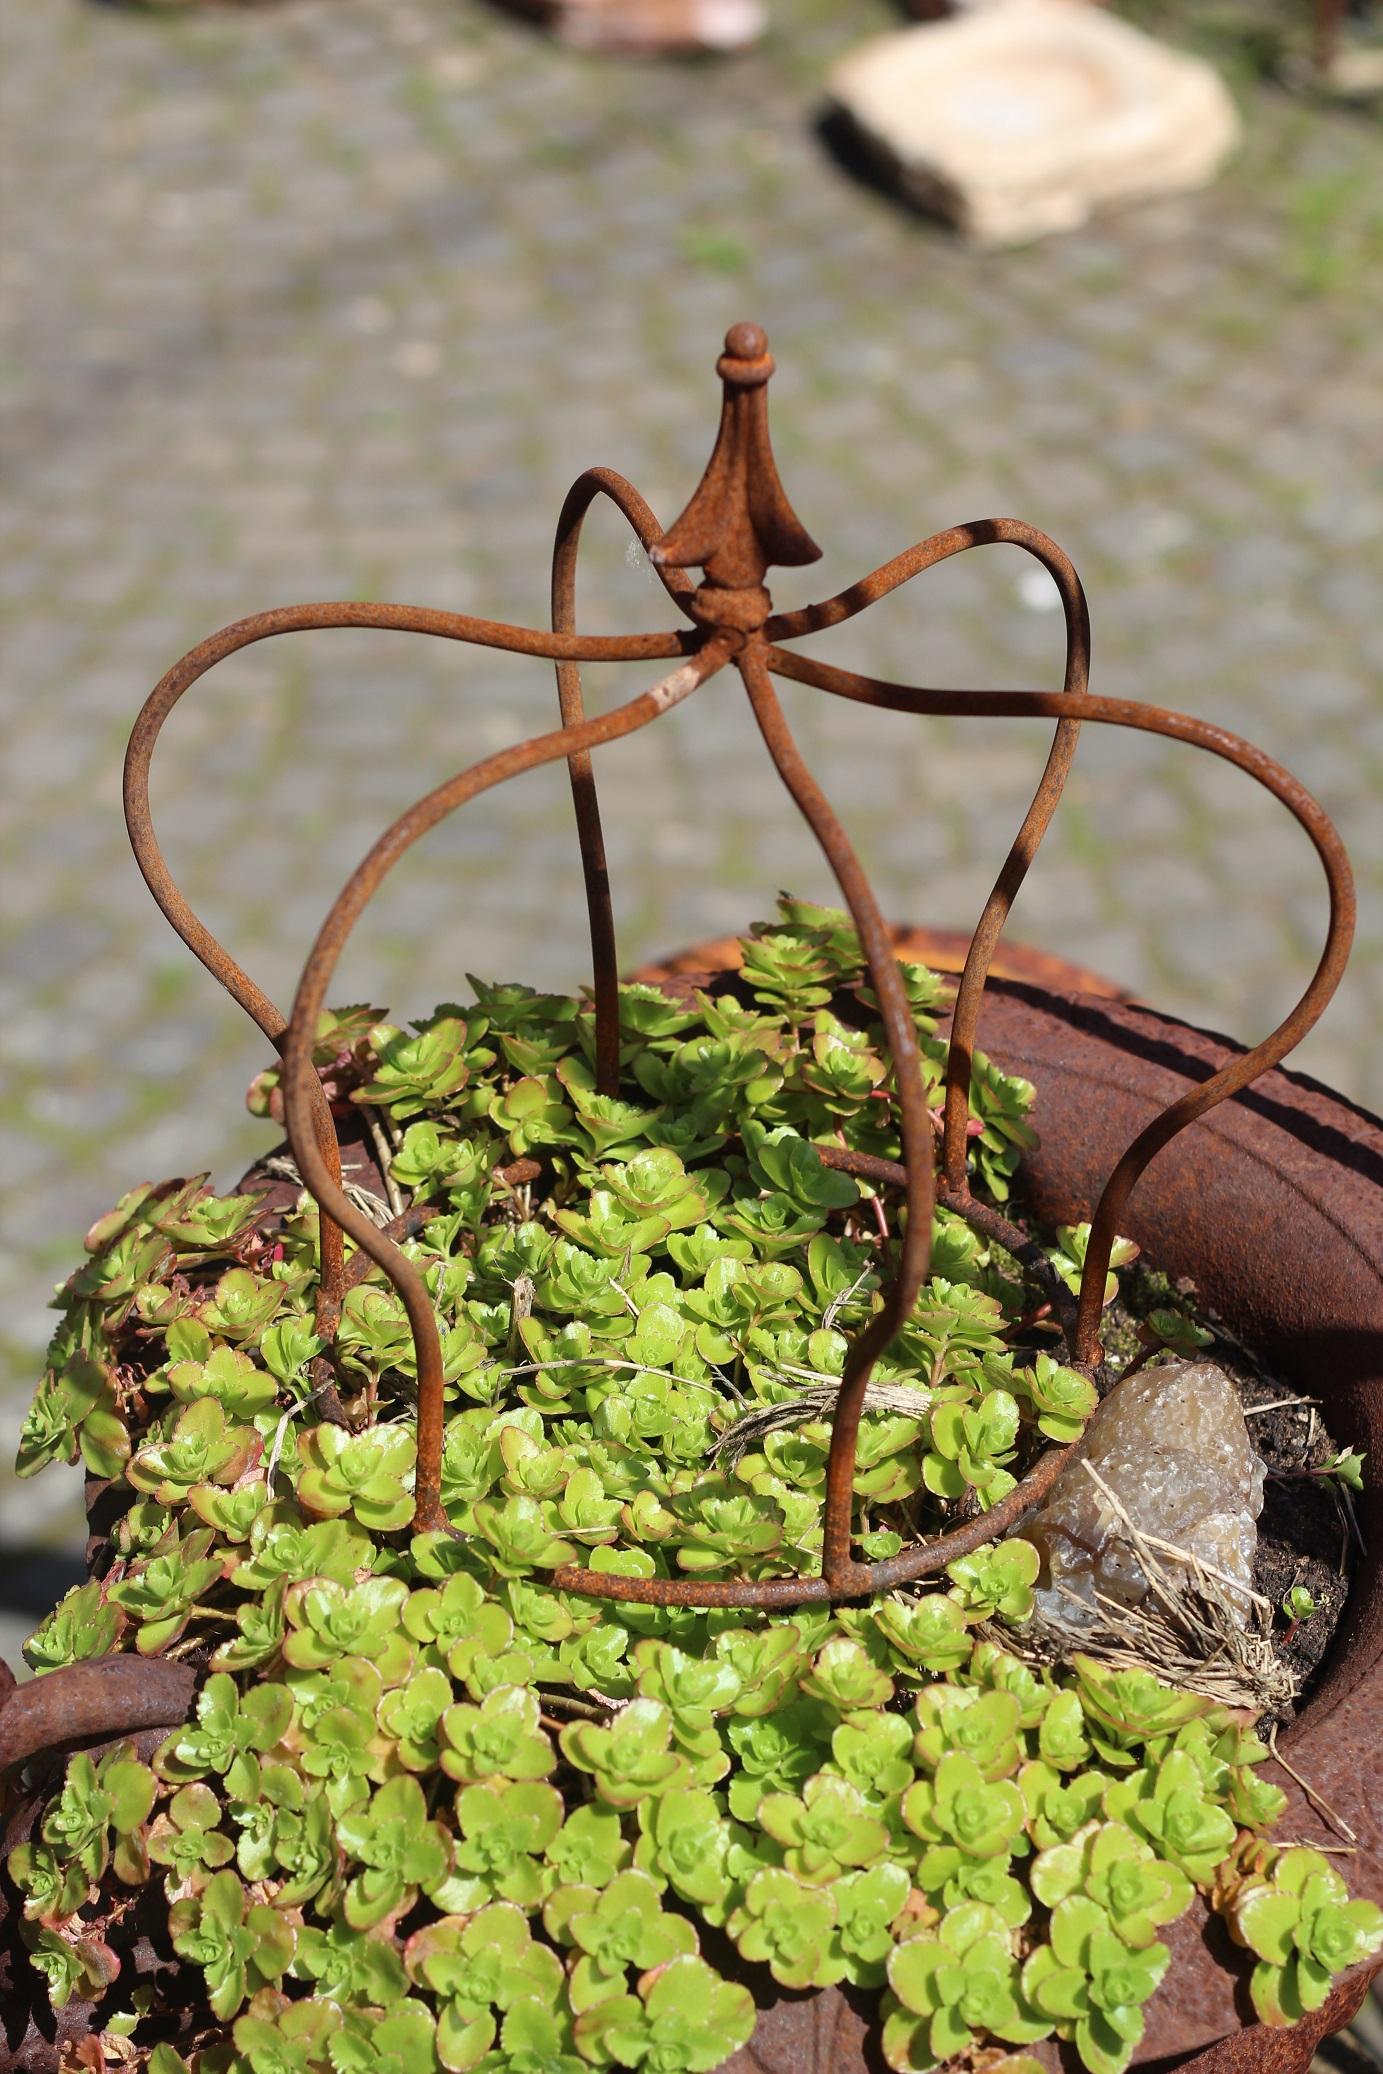 Krone eisen edelrost 30 garten staudenhalter pflanzkrone for Garten edelrost